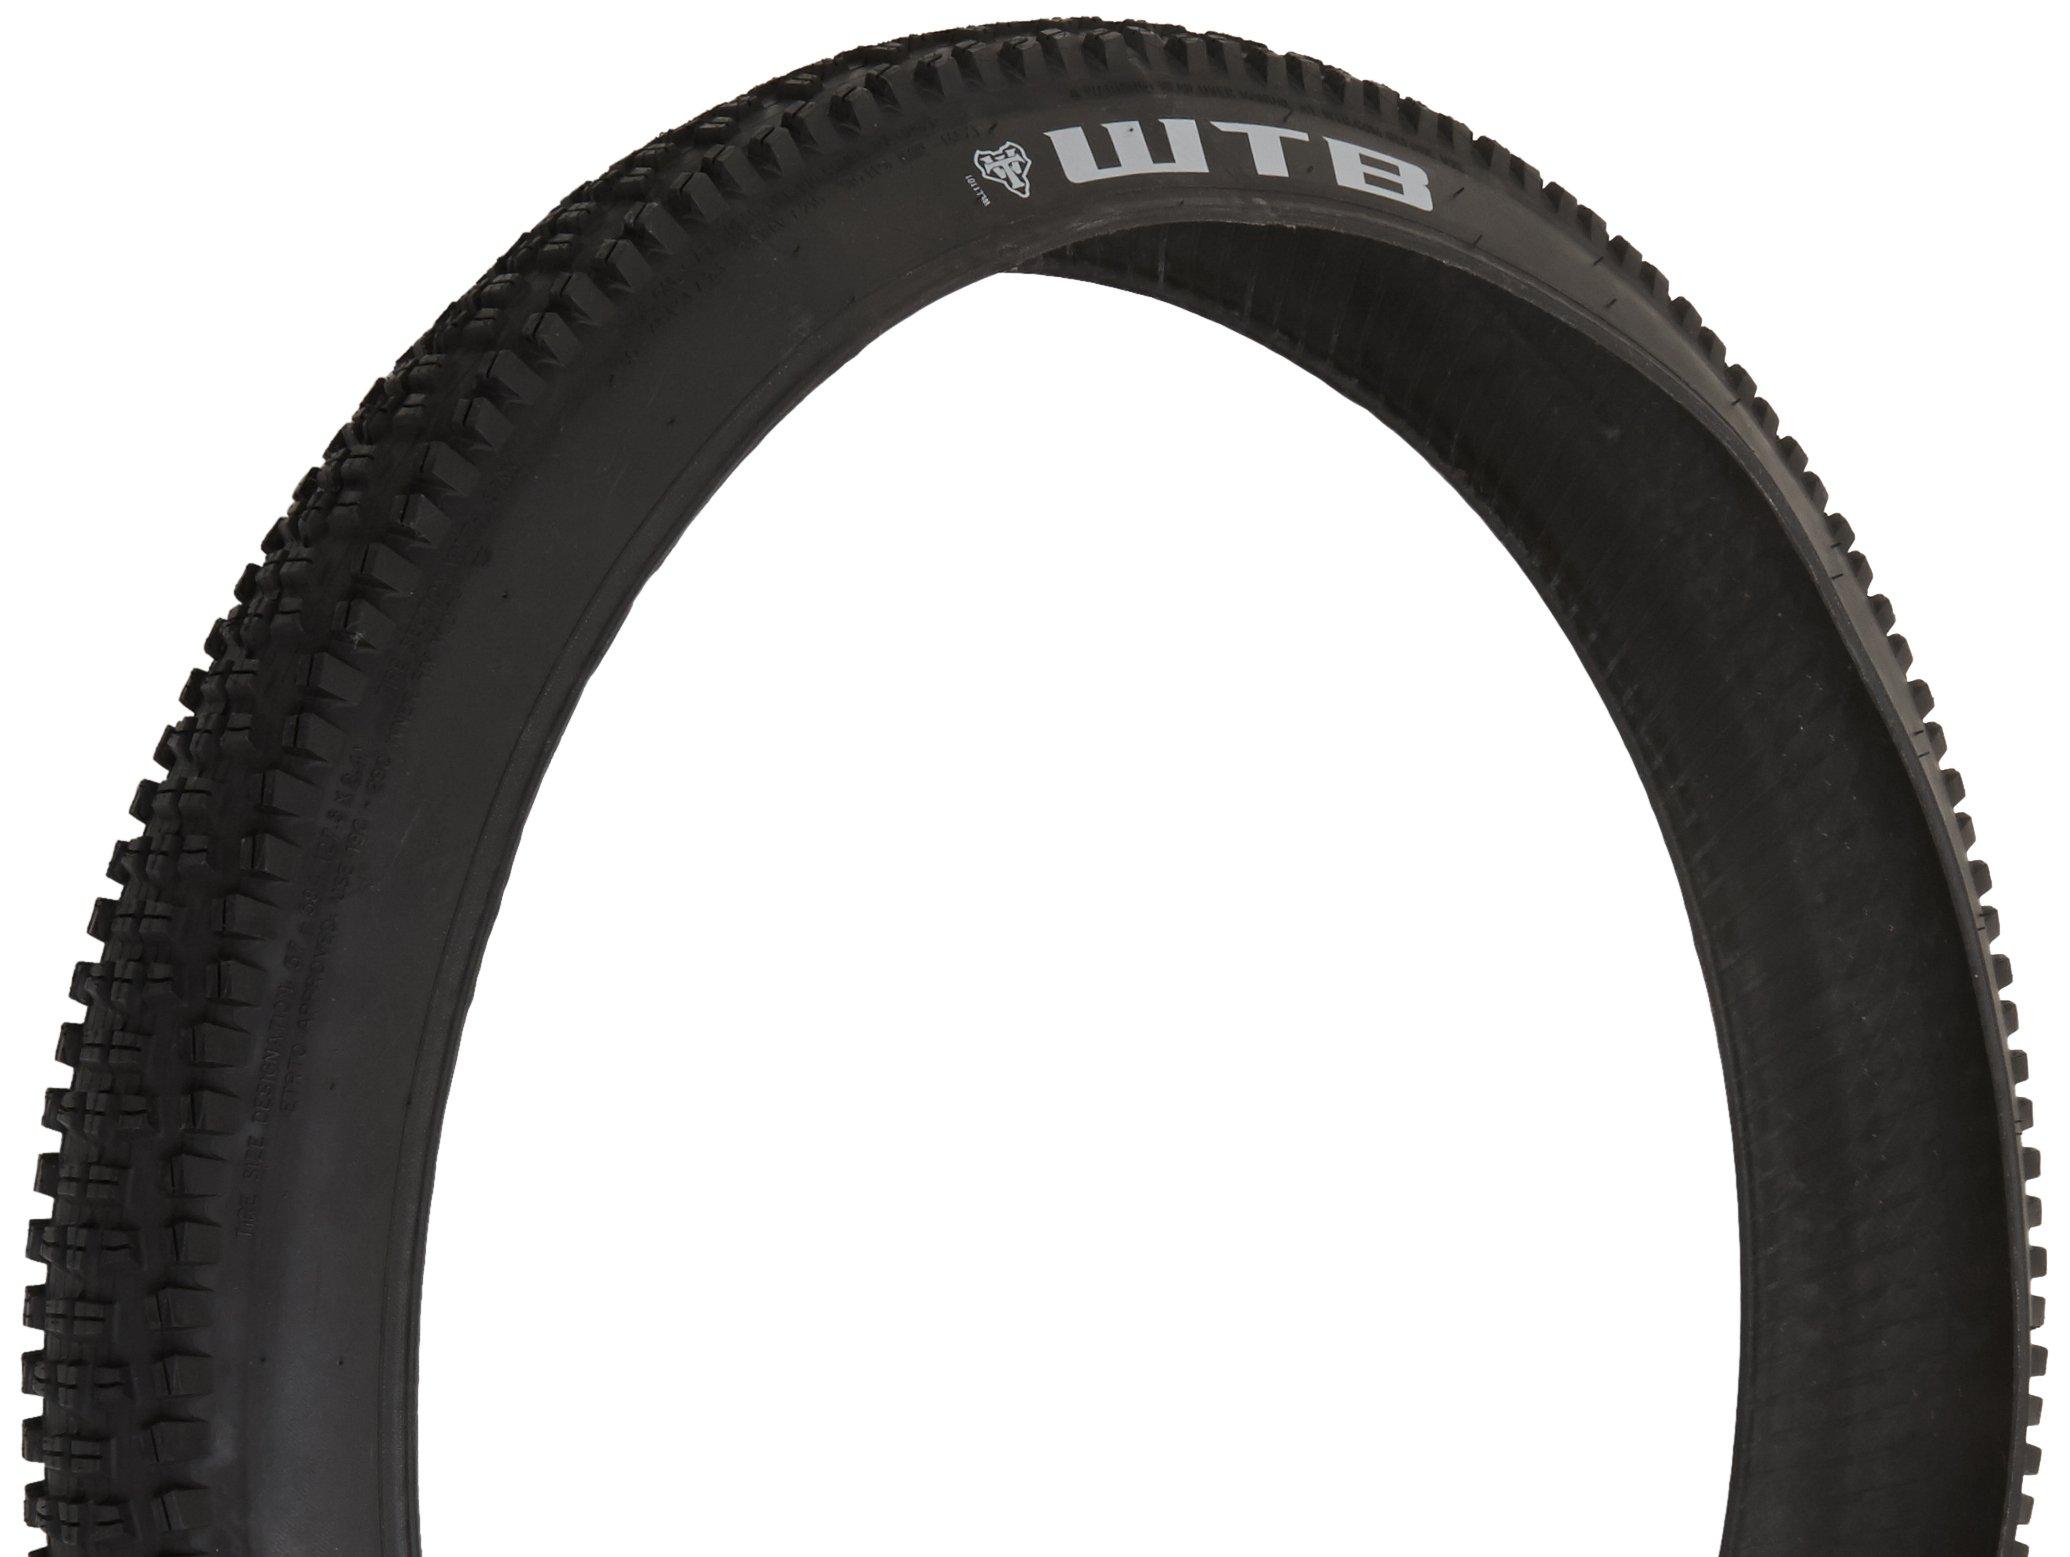 WTB Trail Boss 2.4 27.5'' TCS Tough Fast Roll Tire